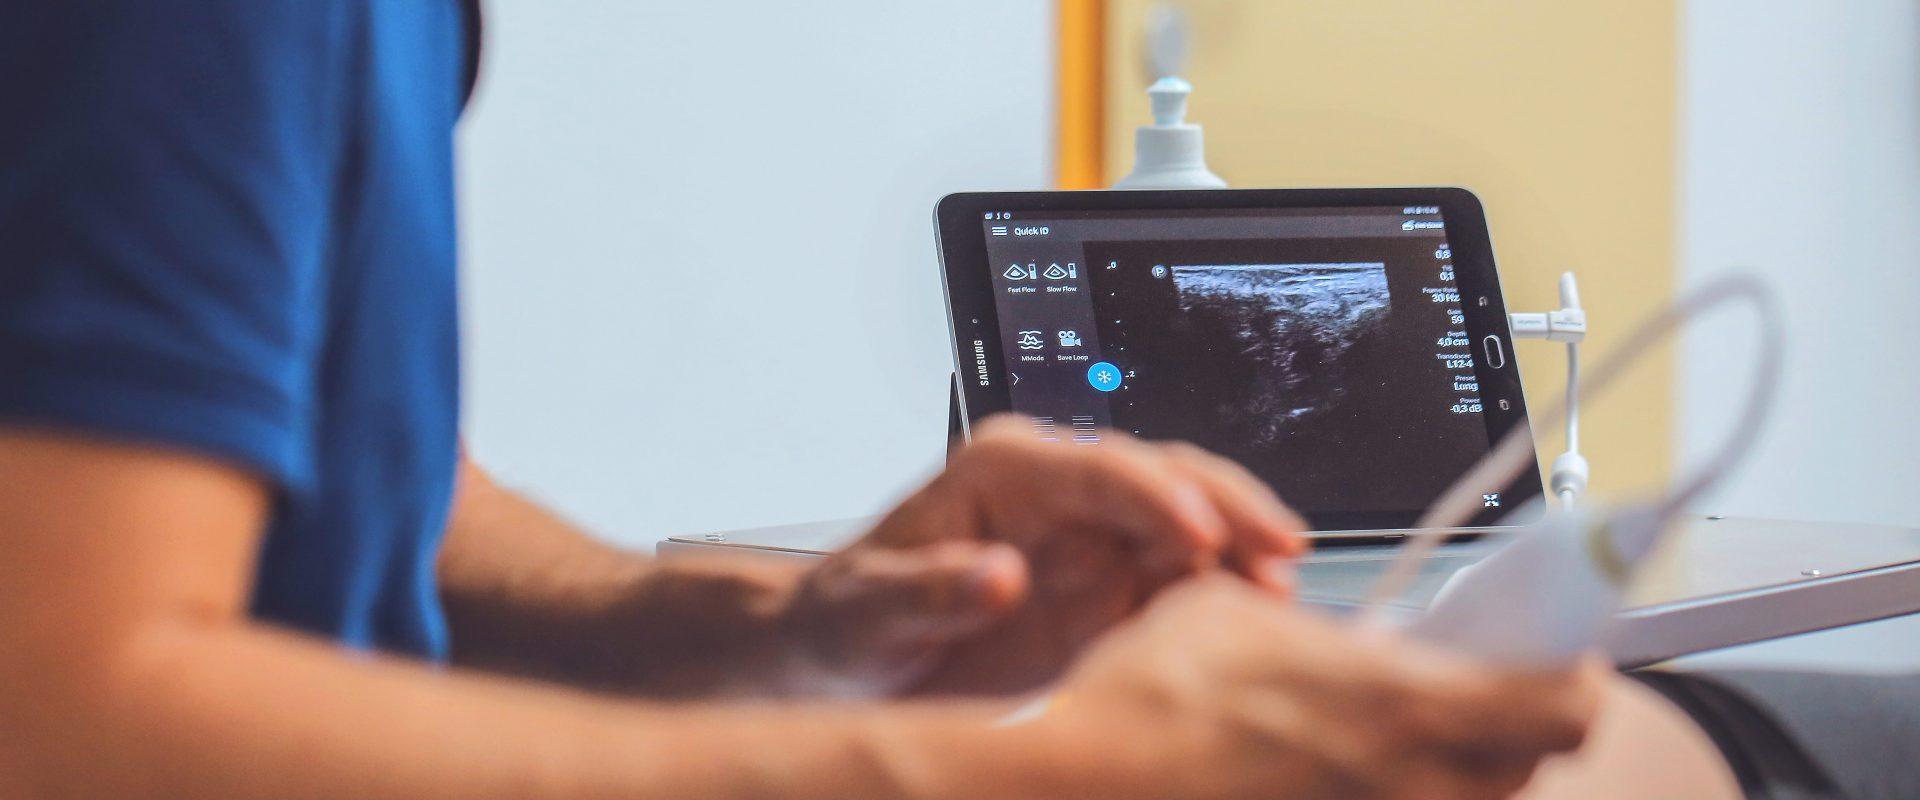 Einsicht in den Körper mittels Ultraschall